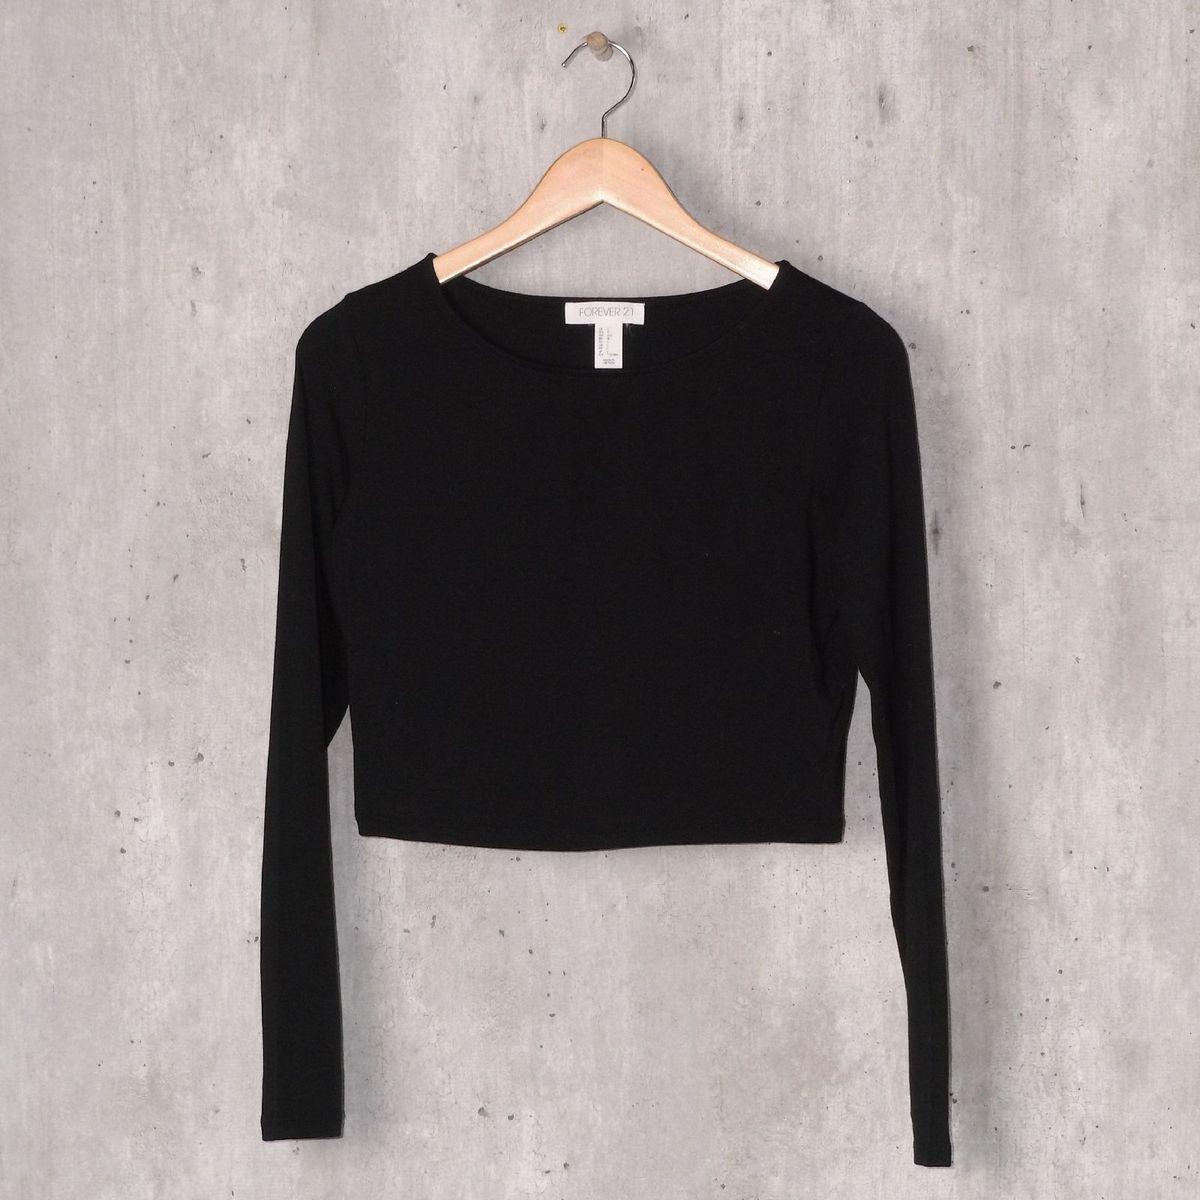 blusa básica preta - blusas forever21